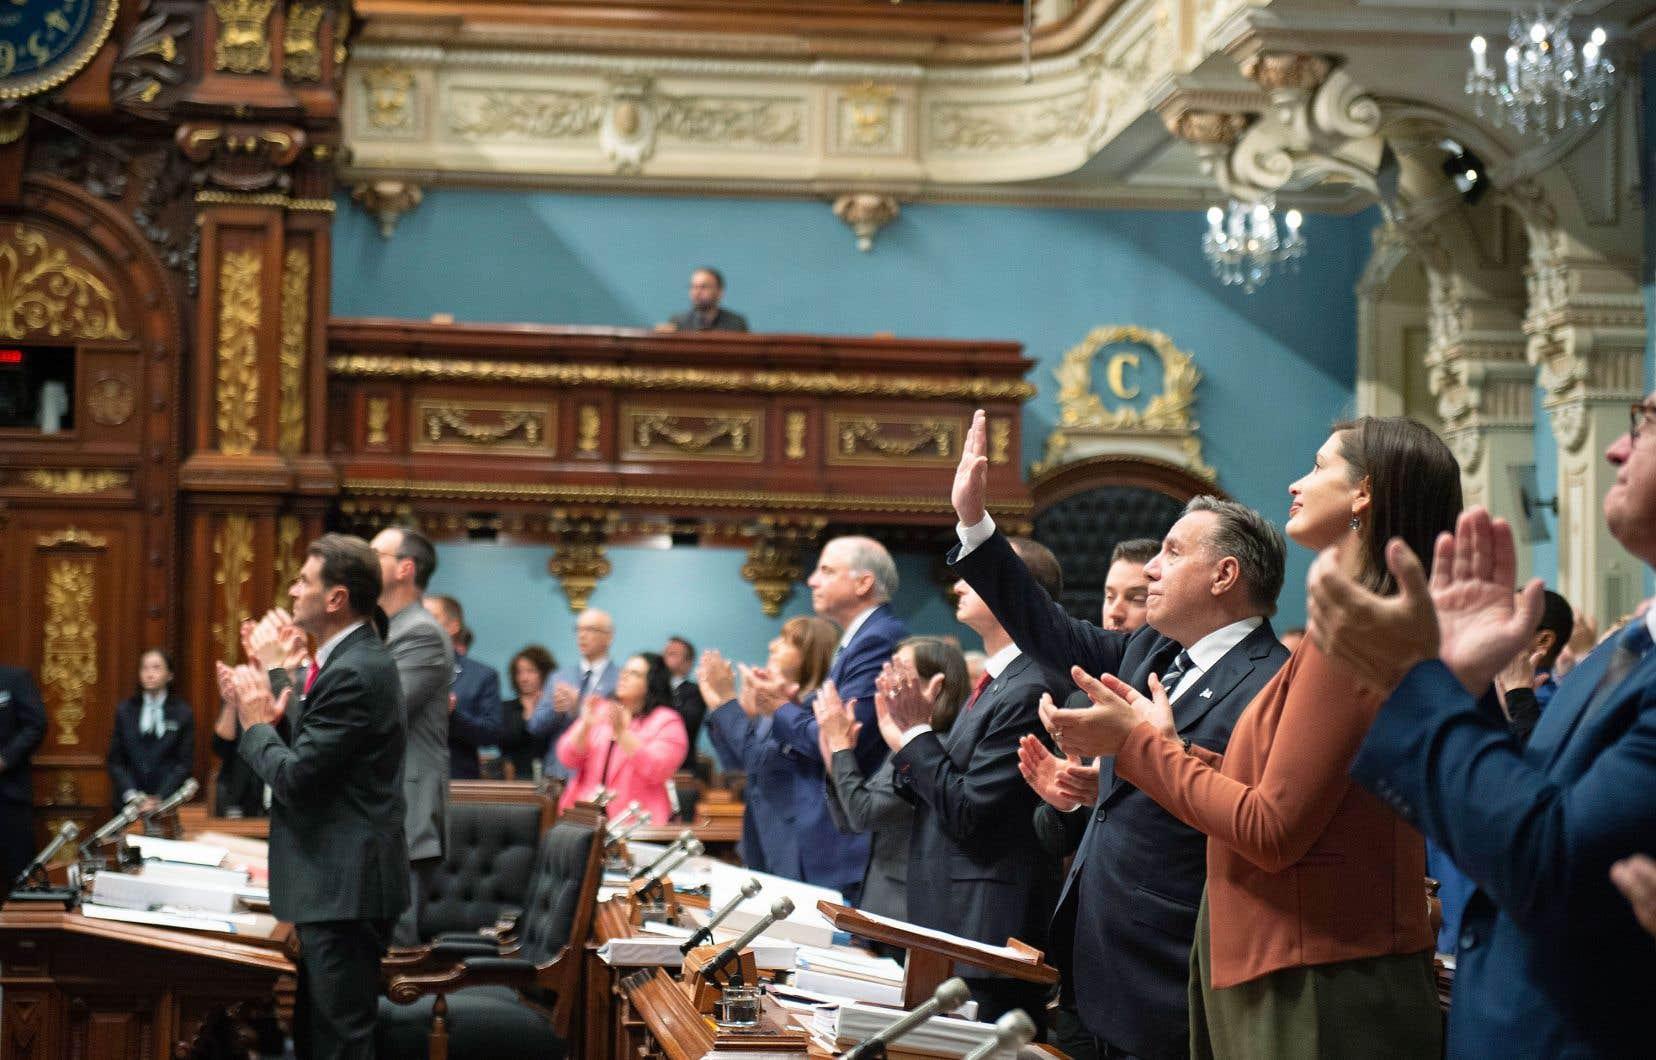 Le premier ministre François Legault salue les représentants des Premières Nations et des Inuits pendant que les autres parlementaires applaudissent à la suite du discours par lequel le Québec a présenté ses excuses aux Autochtones victimes de discrimination systémique.